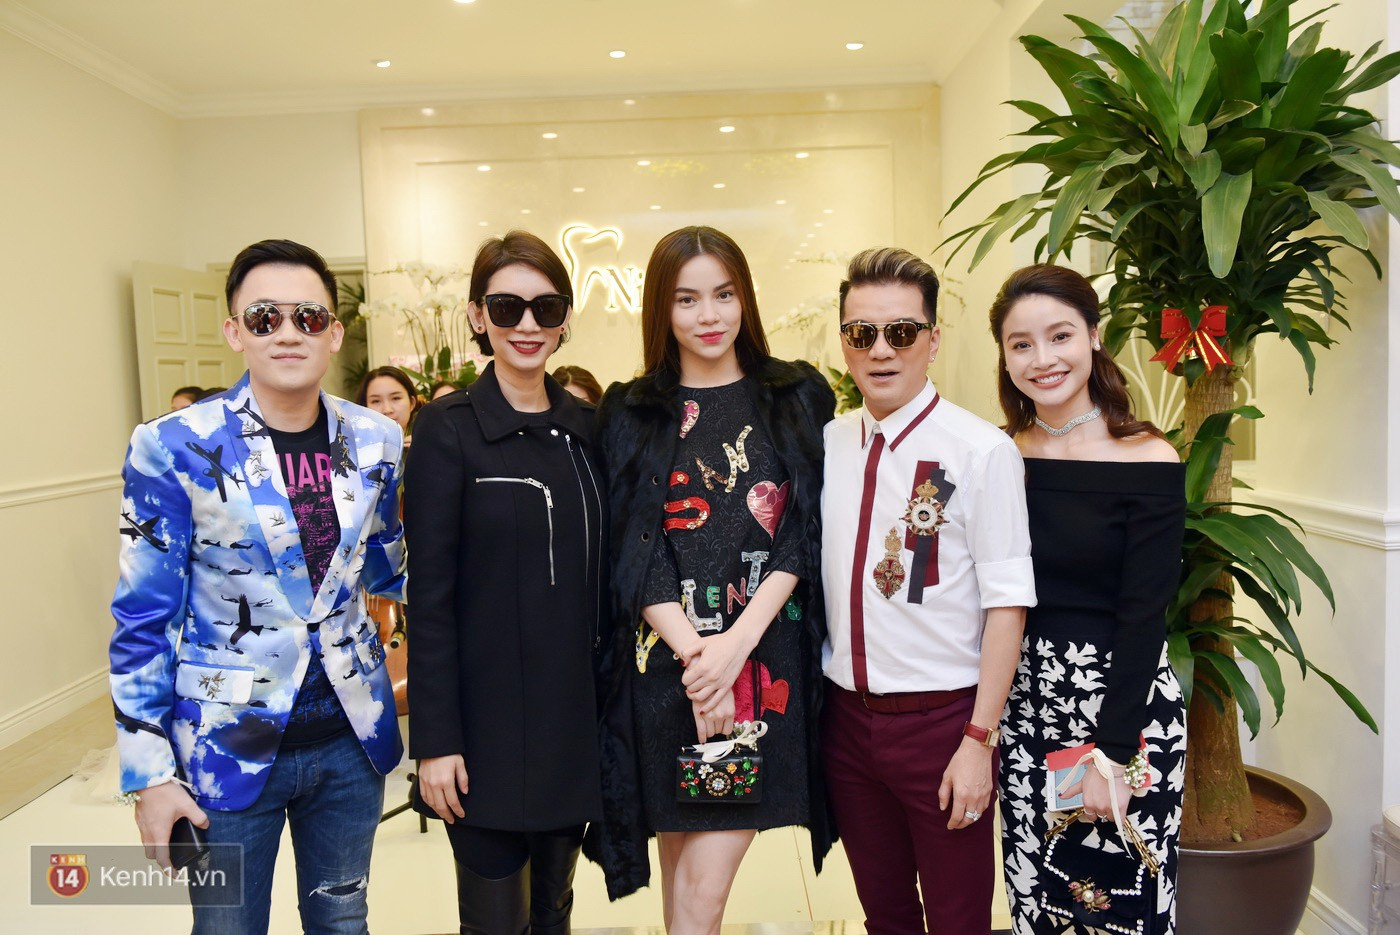 Sơn Tùng và Soobin Hoàng Sơn gây thích thú khi xuất hiện như anh em sinh đôi tại sự kiện - Ảnh 14.